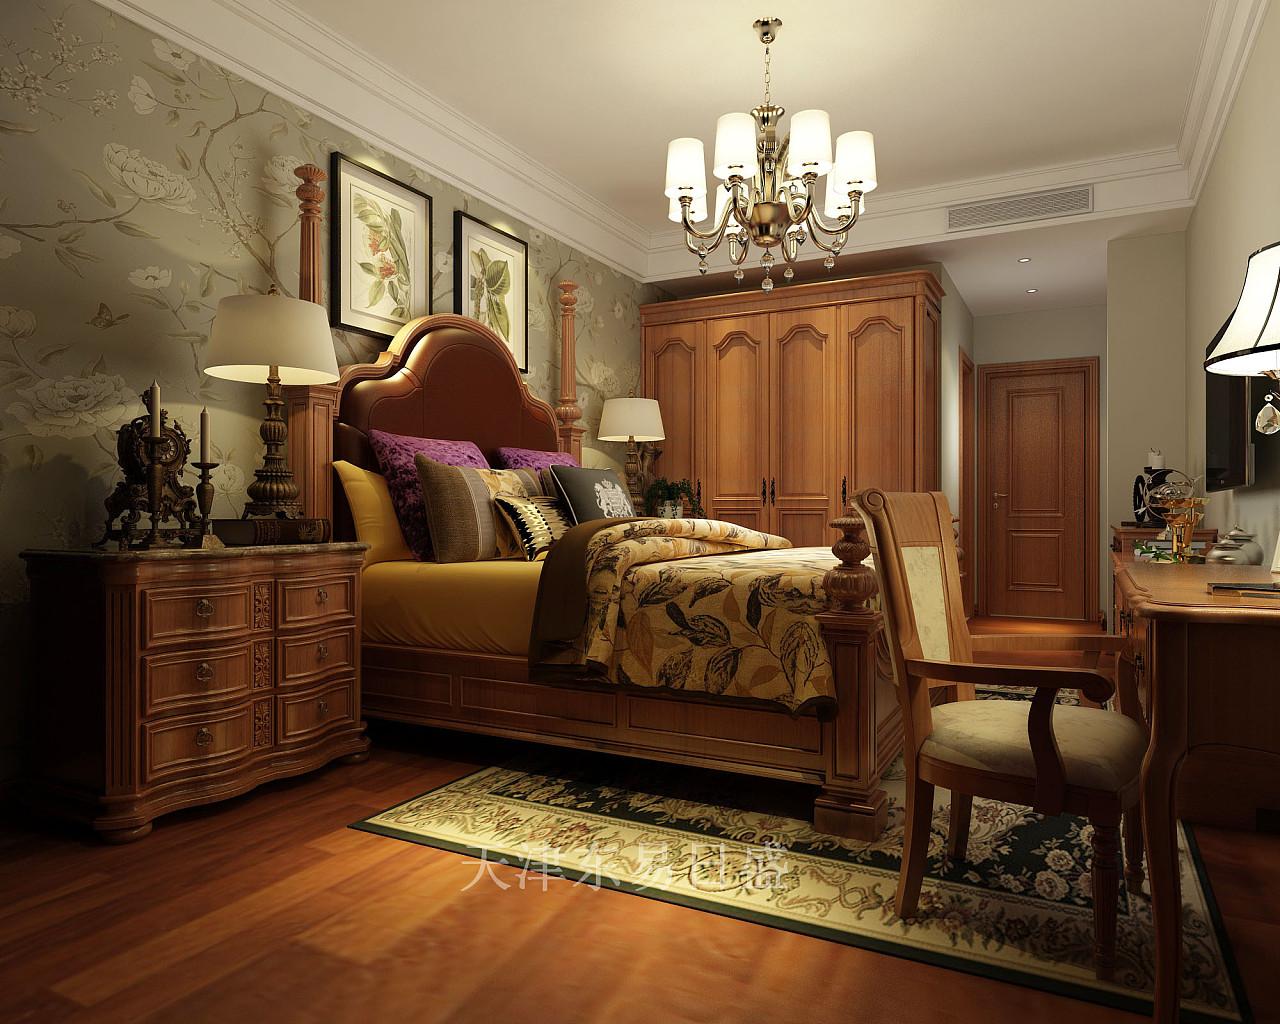 融创中心美式乡村风格主卧室装修效果图